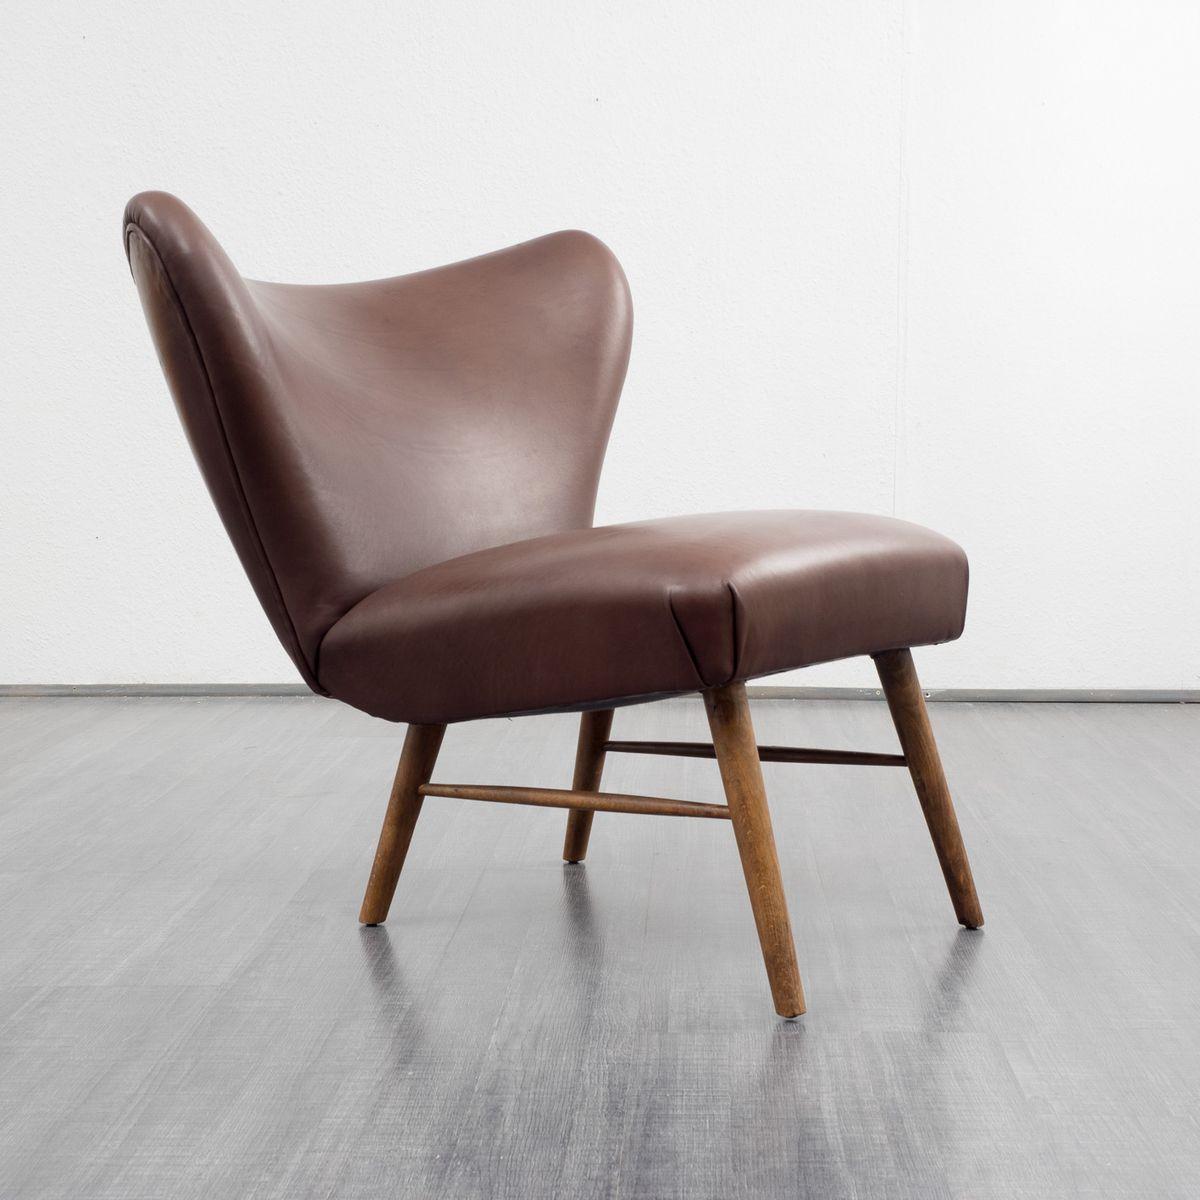 Brauner leder cocktail stuhl bei pamono kaufen for Brauner stuhl